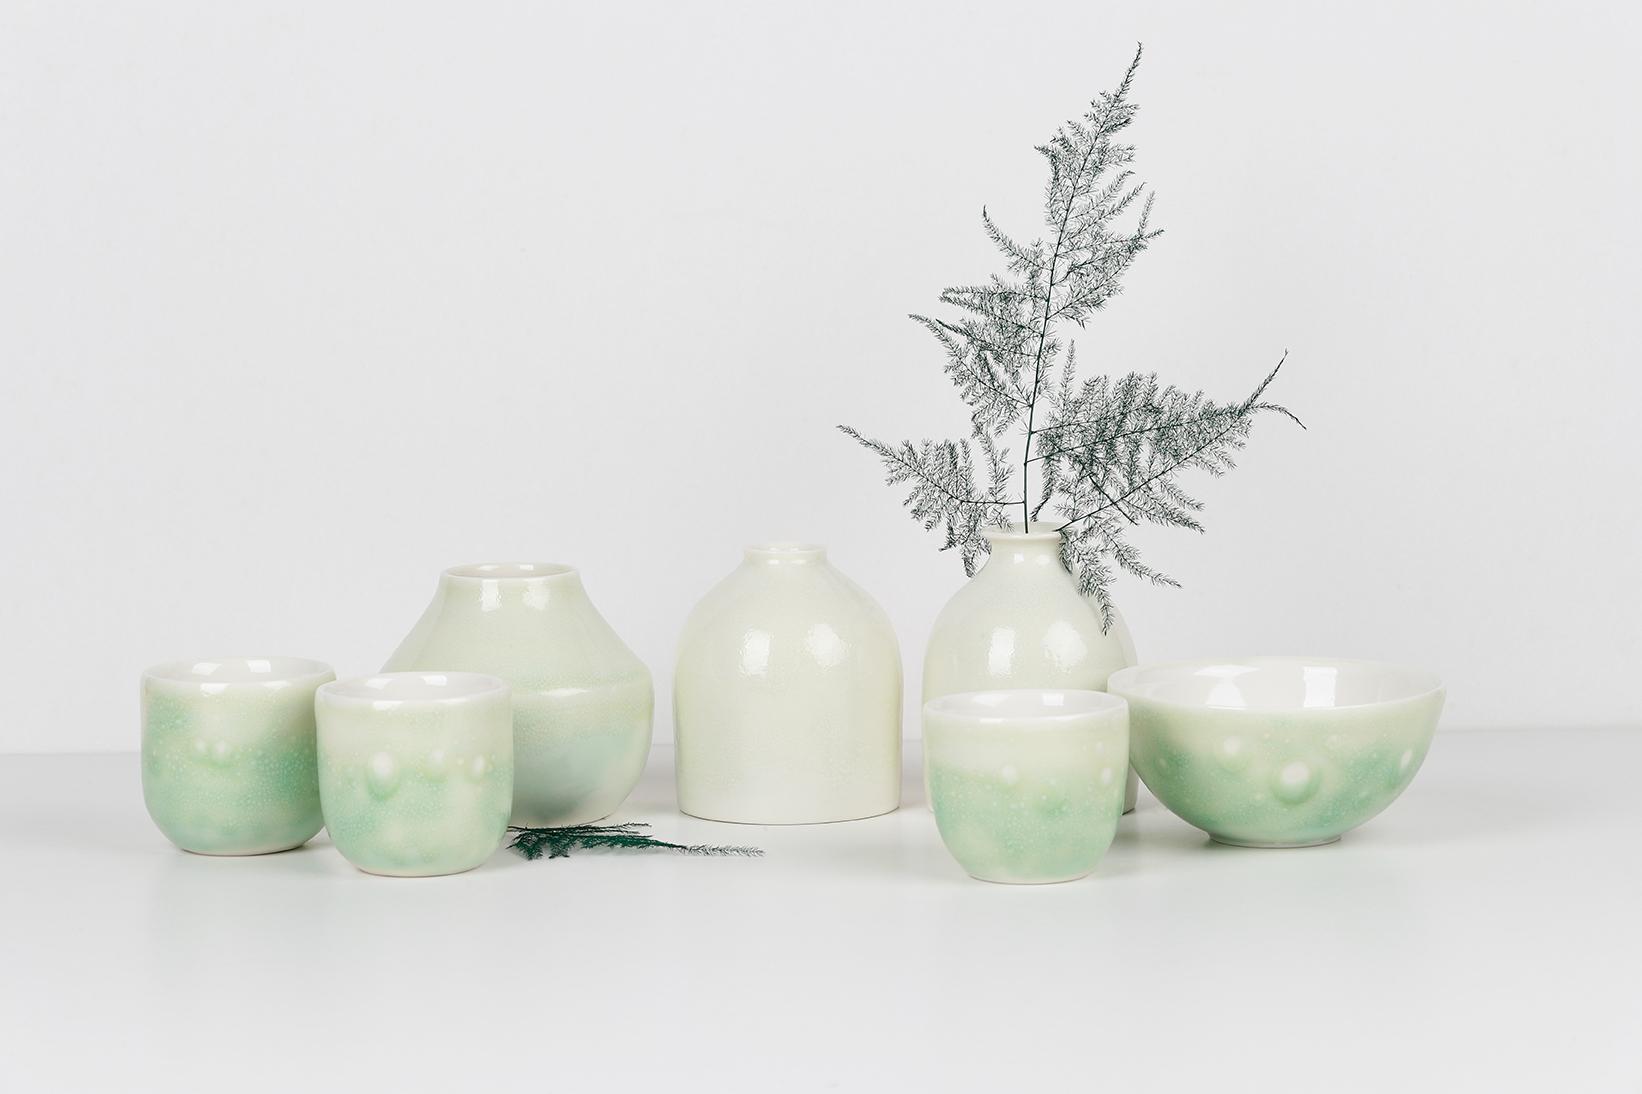 Composition de la collection LACTÉE - soliflores, vases tasses et bols - Émail vert et fougère